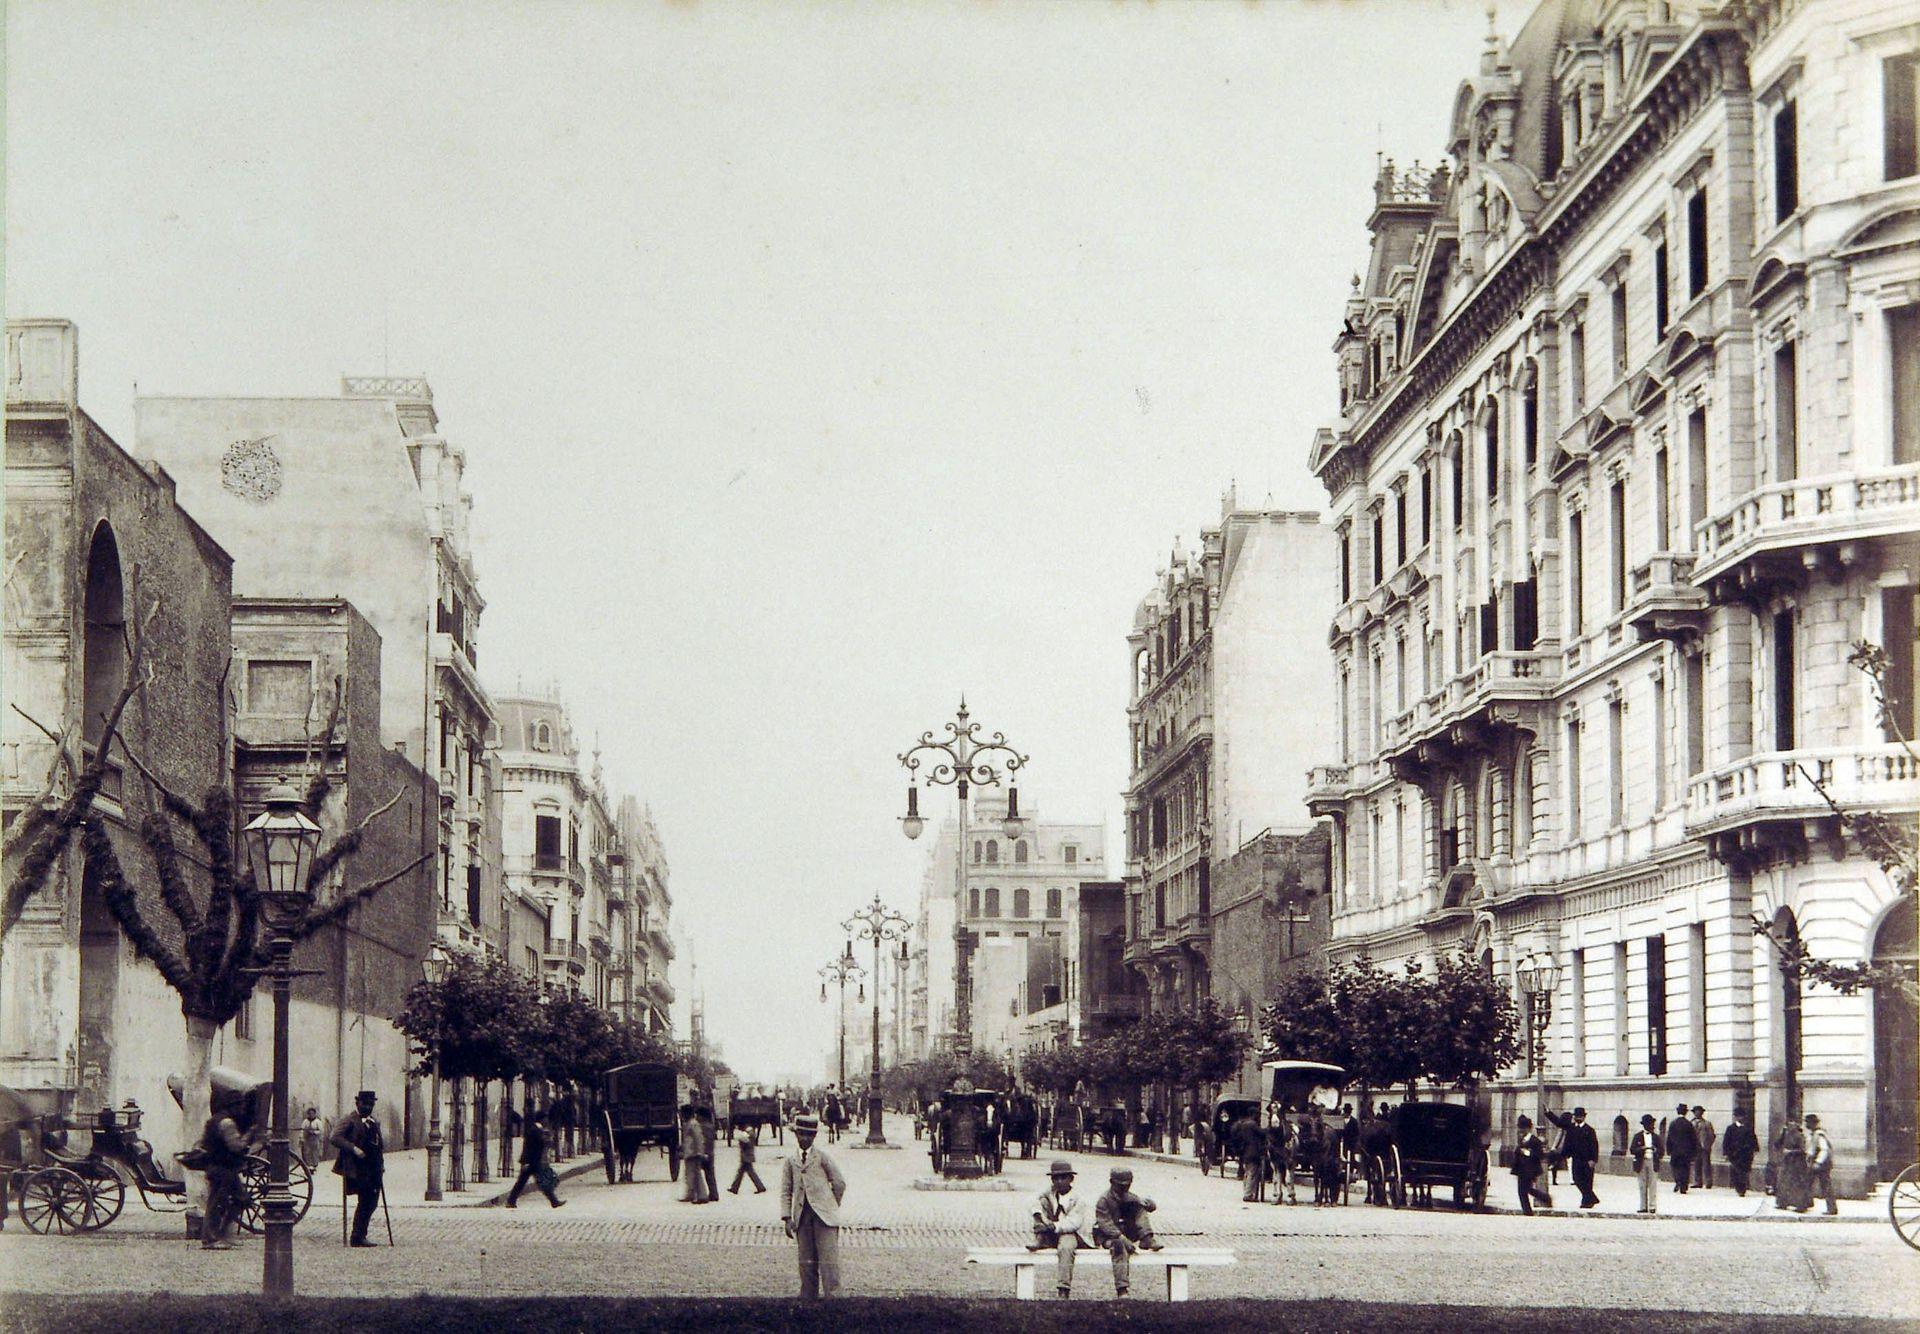 La primera cuadra de Av. de Mayo, cuando aún no estaba construido el edificio de La Prensa. En primer plano, a la izquierda el Cabildo; a la derecha, la Municipalidad.